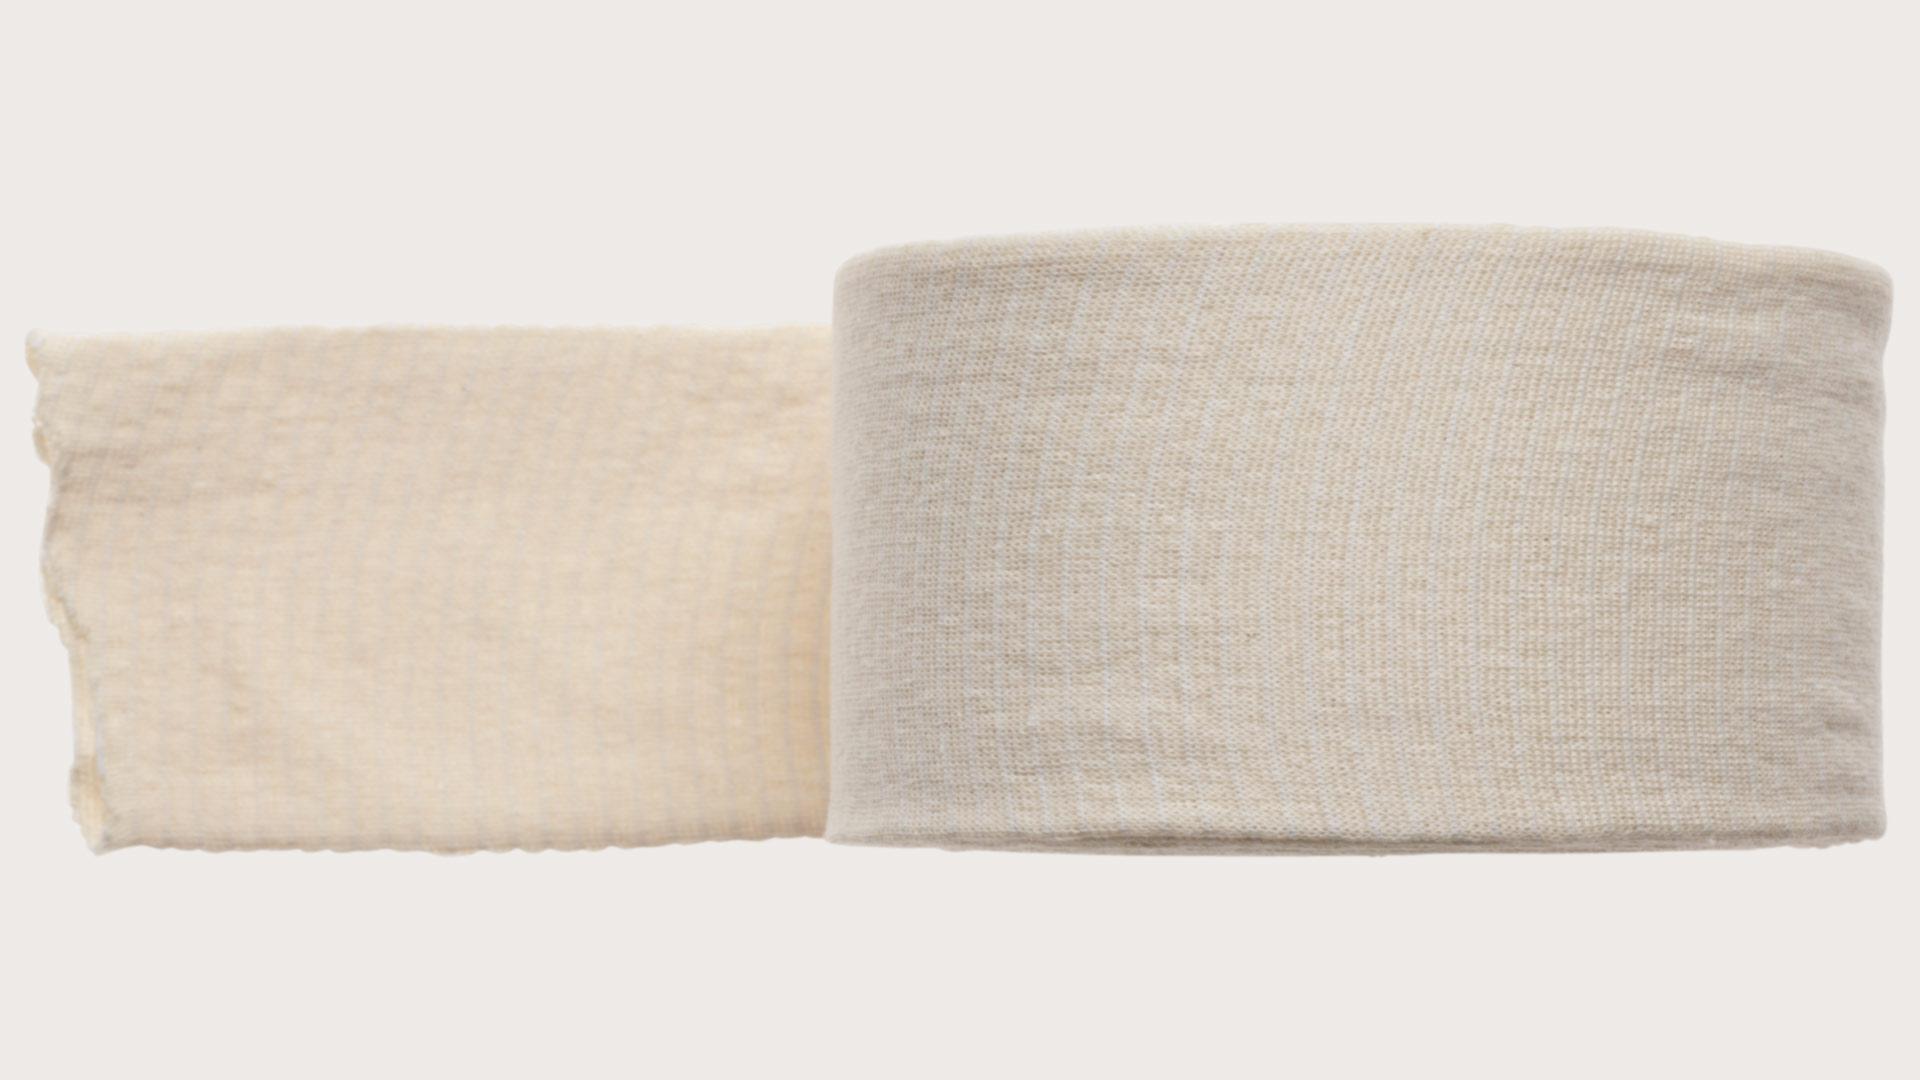 Tubigrip Tubular Bandage image cover